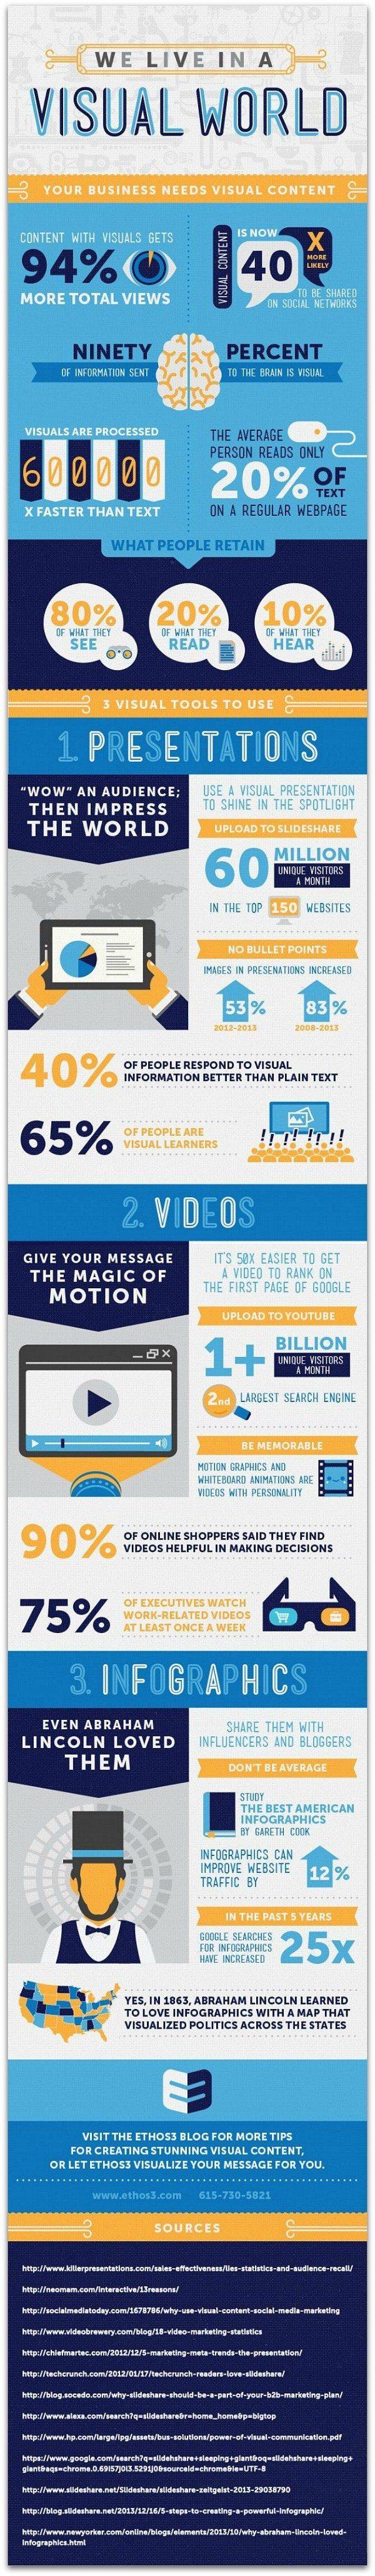 Визуалното съдържание е онази част в социалните мрежи, която ангажира аудиторията и се възприема много по-лесно от текста.